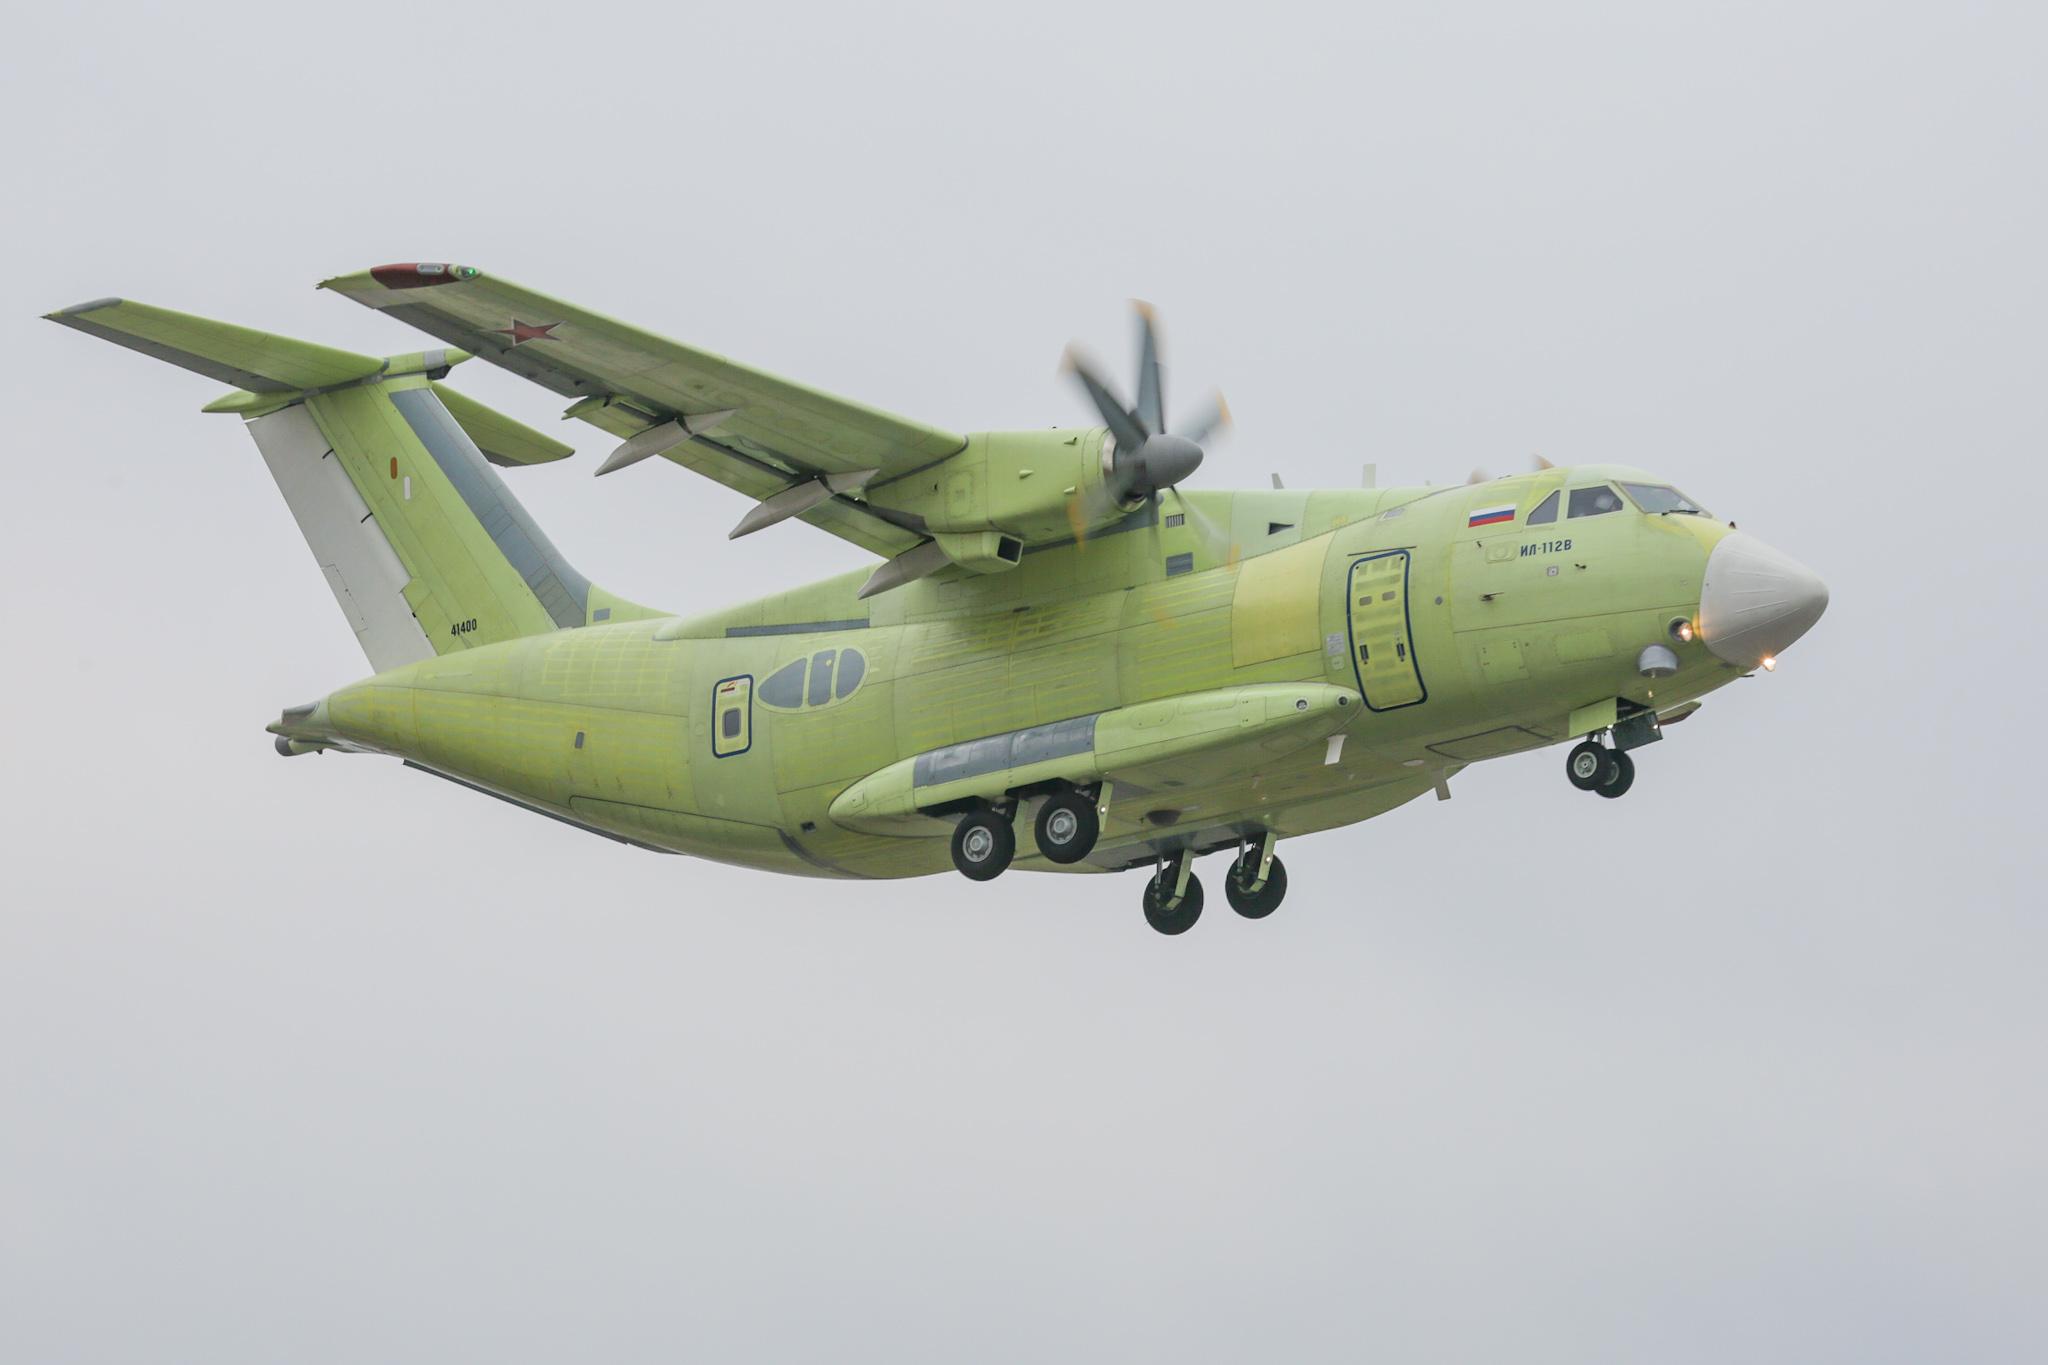 俄罗斯国家技术集团研发俄首款运输机伊尔-112V